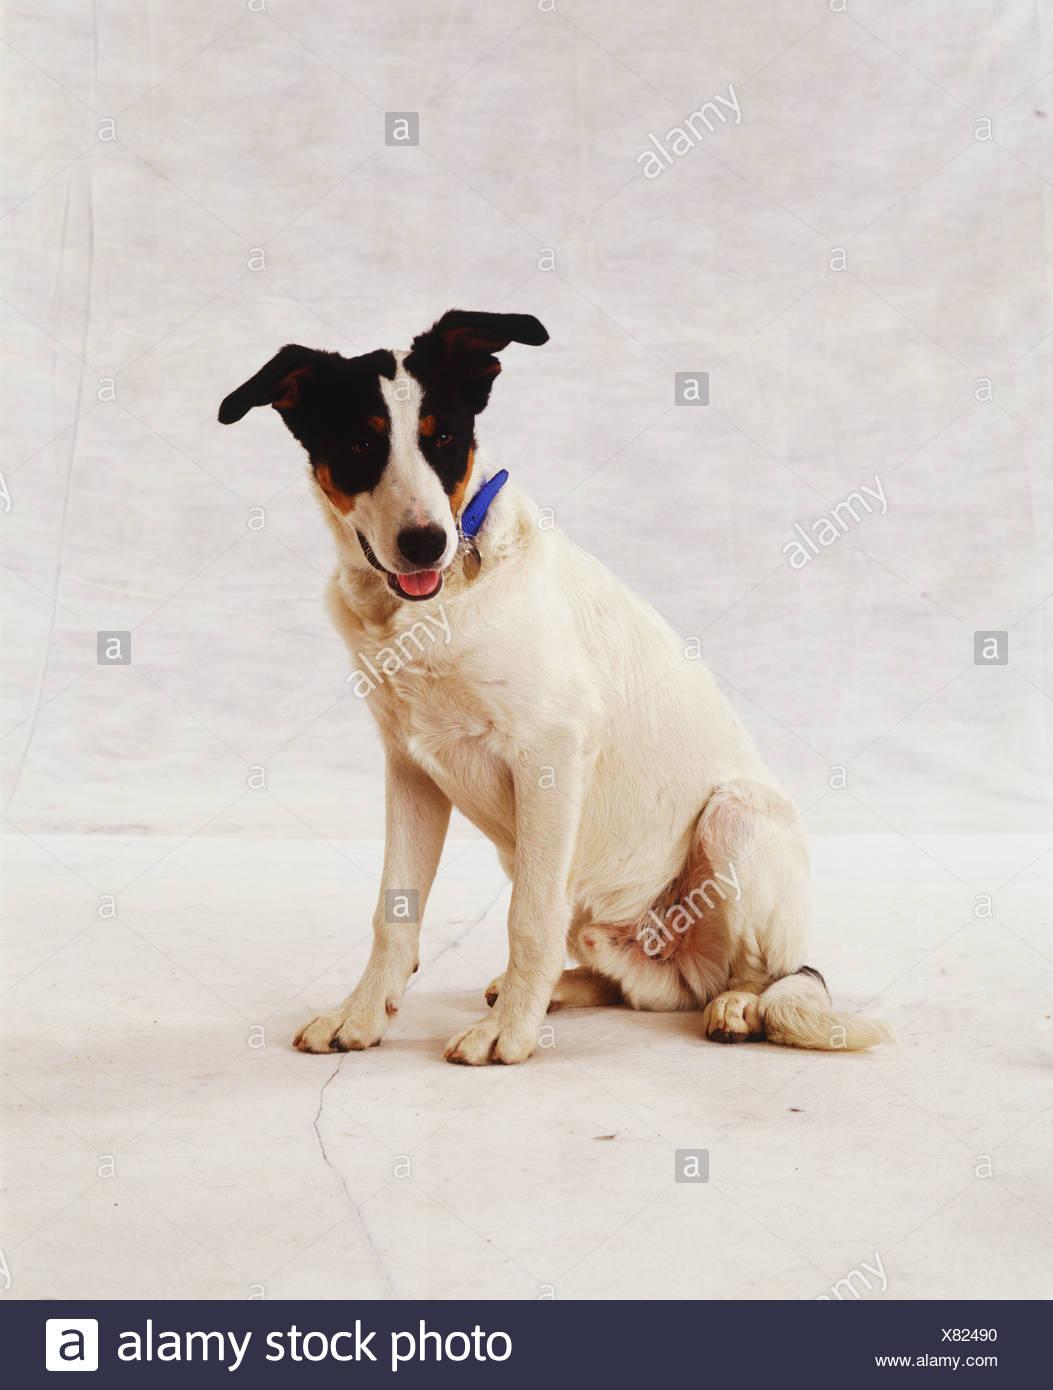 Piccolo Cane bianco nero con le orecchie e gli occhi, seduti, indossando il collare blu, aprire bocca rivelando la linguetta rosa Immagini Stock